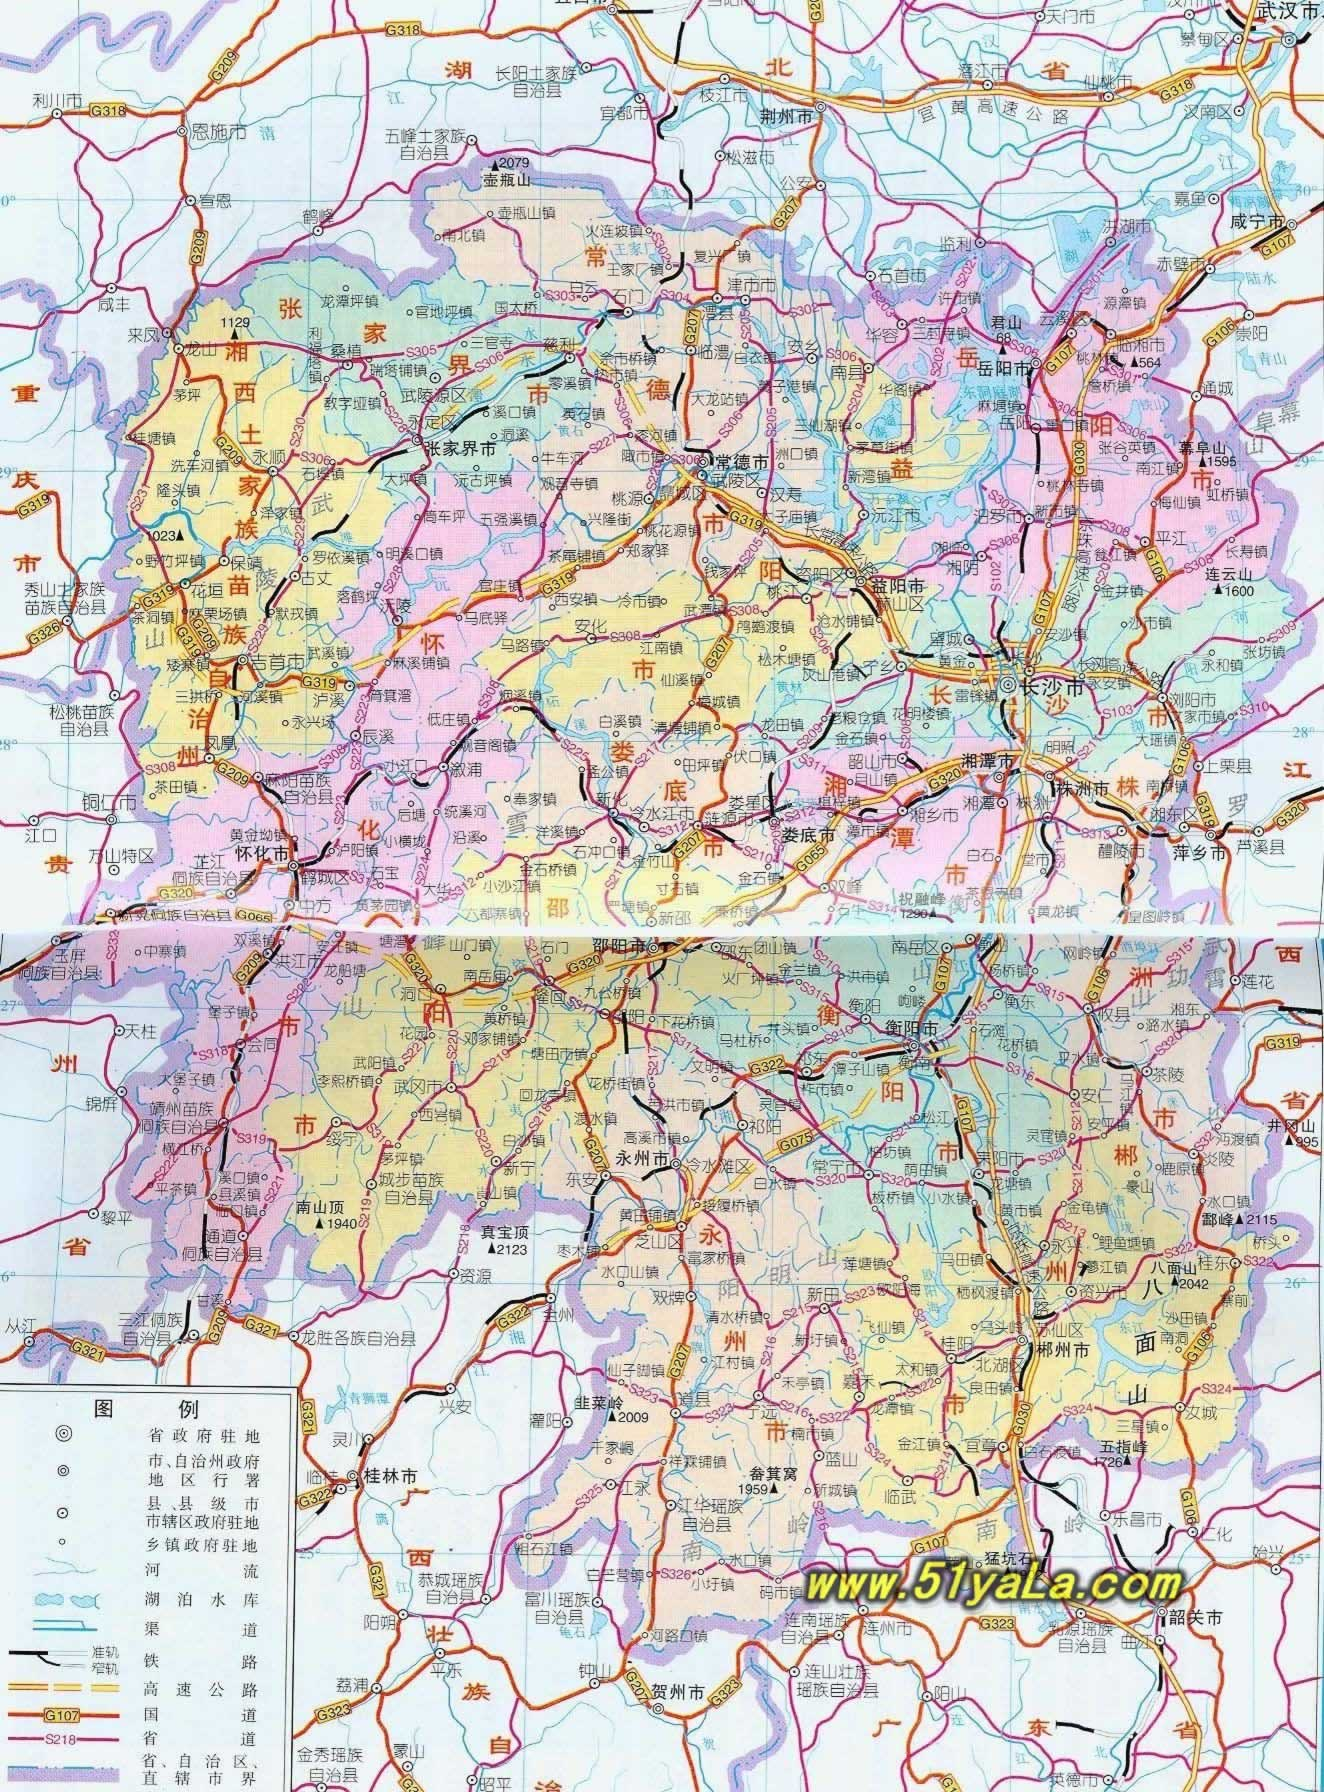 中国省市行政地图图片大全 中国地图矢量,和省市行政区域